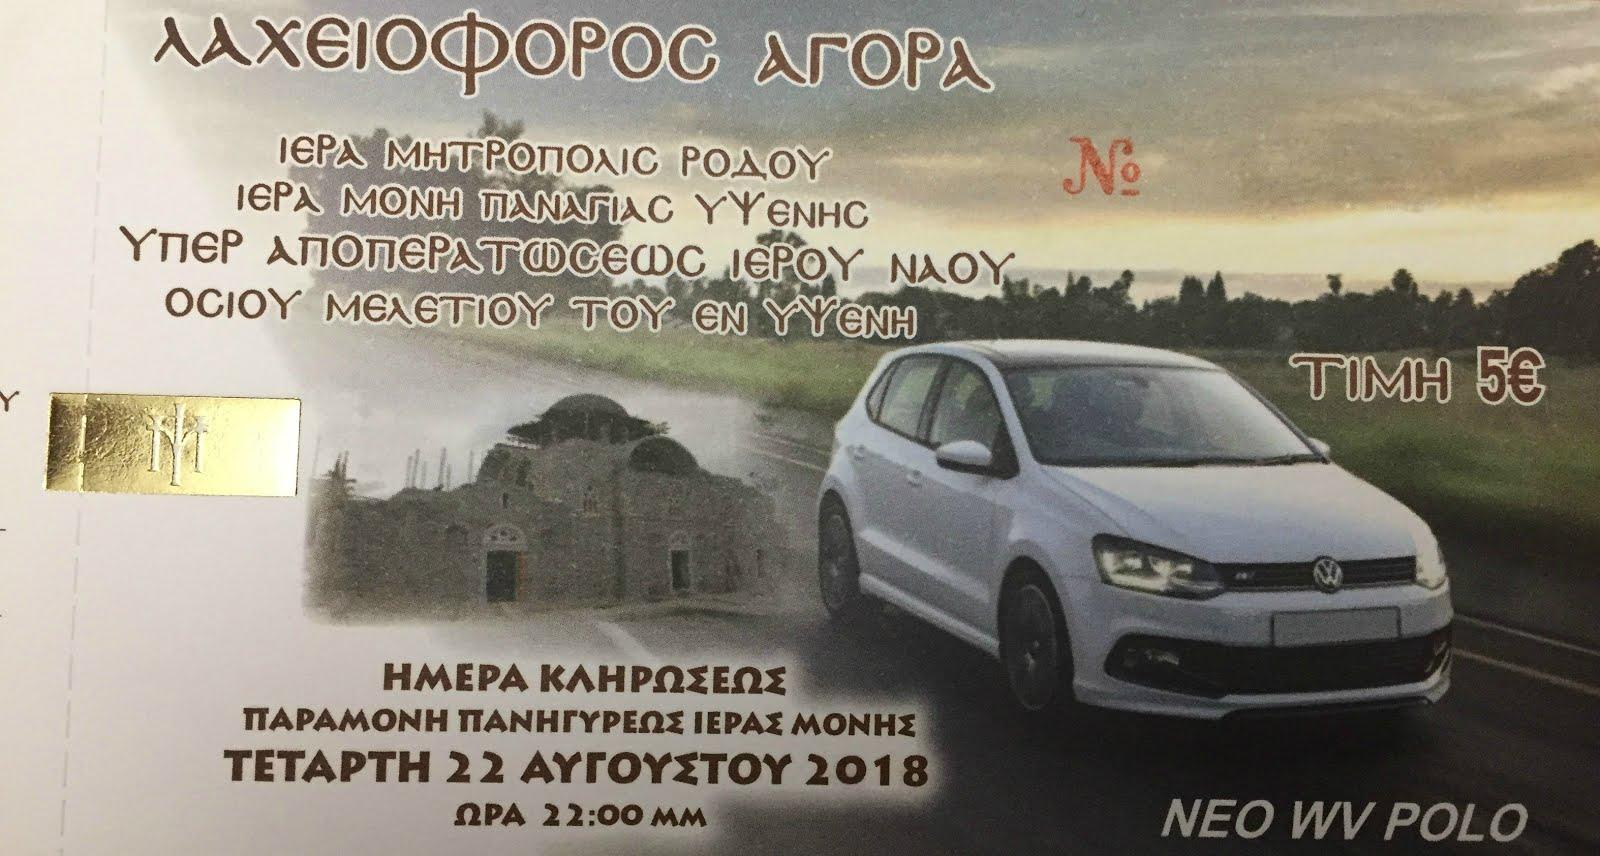 ΛΑΧΕΙΟΦΟΡΟΣ ΑΓΟΡΑ